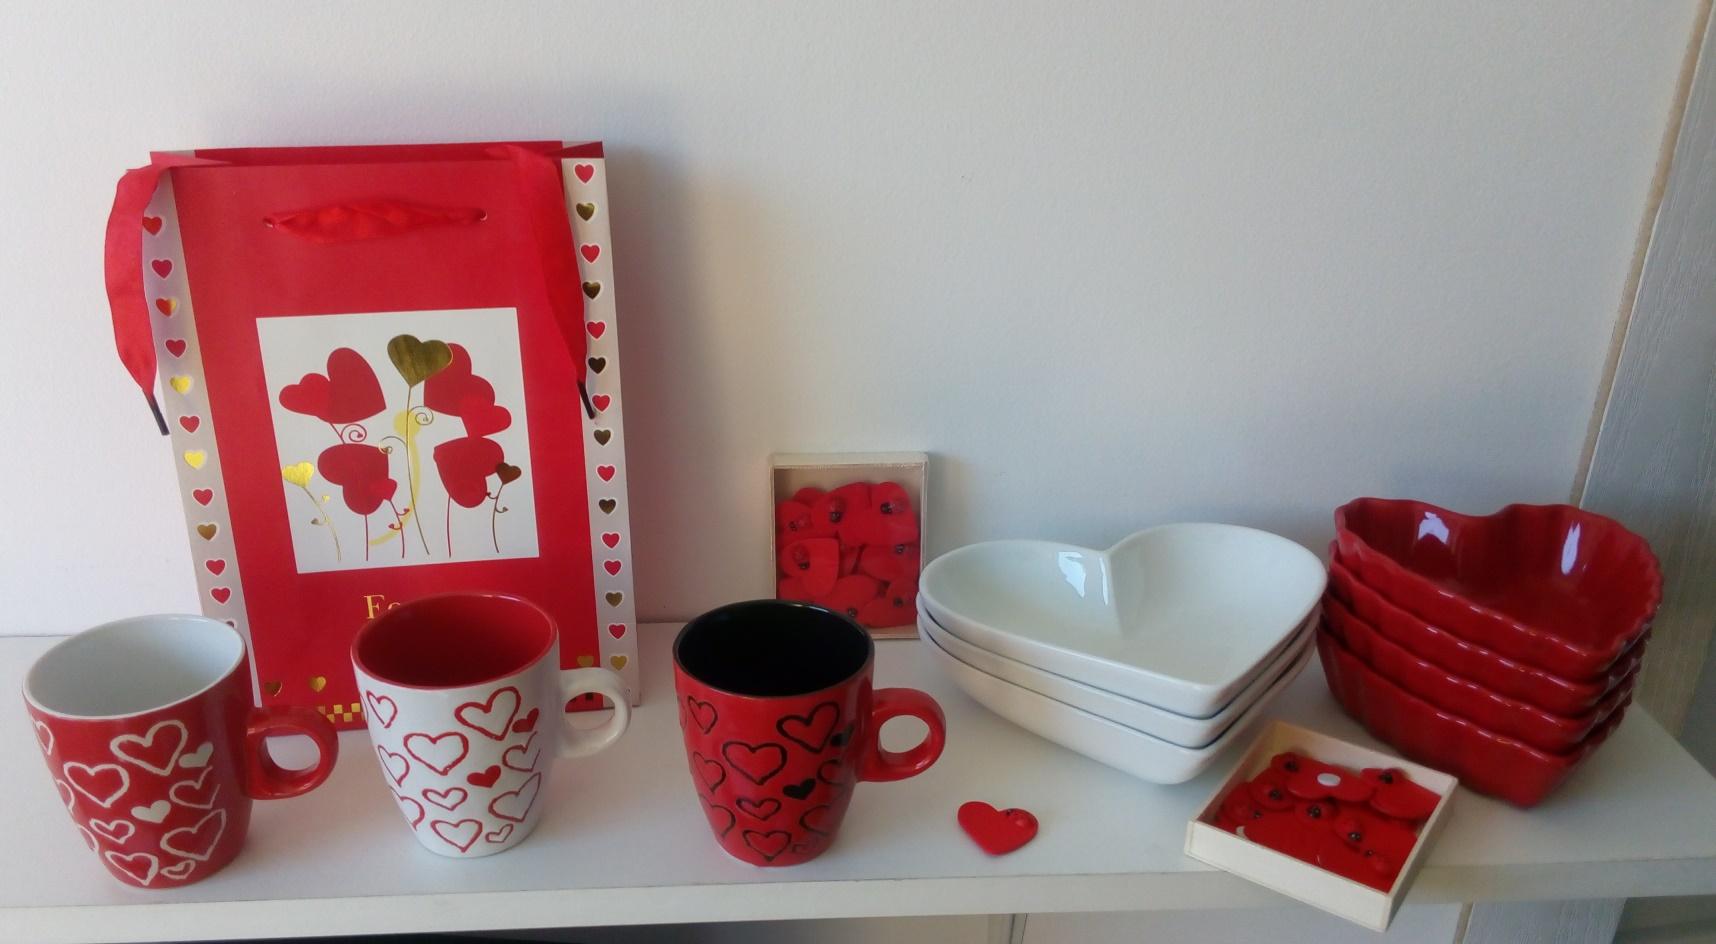 Ljubavni paket - pokloni za dan zaljubljenih